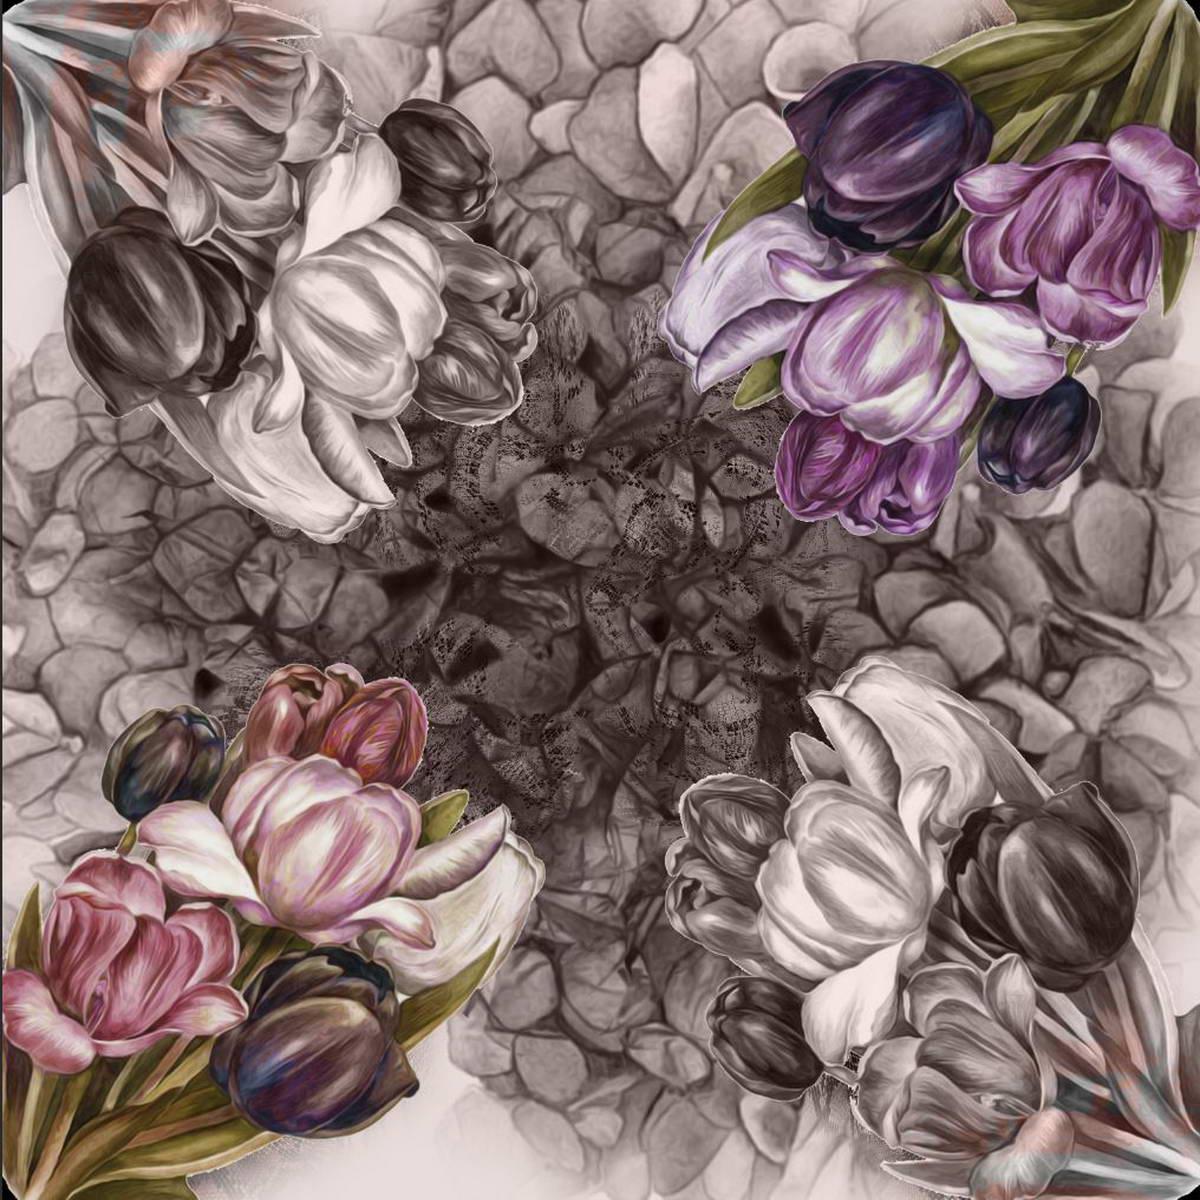 Платок Venera, цвет: серый, фиолетовый, оливковый. 3902627-12. Размер 90 см х 90 см3902627-12Платок Venera выполнен из 100% полиэстера. Материал мягкий, уютный и приятный на ощупь. Модель дополнена интересным зеркальным принтом. Отличный выбор для повседневного городского образа. Необычный рисунок привлечет внимание окружающих. В нем вы будете неповторимы.